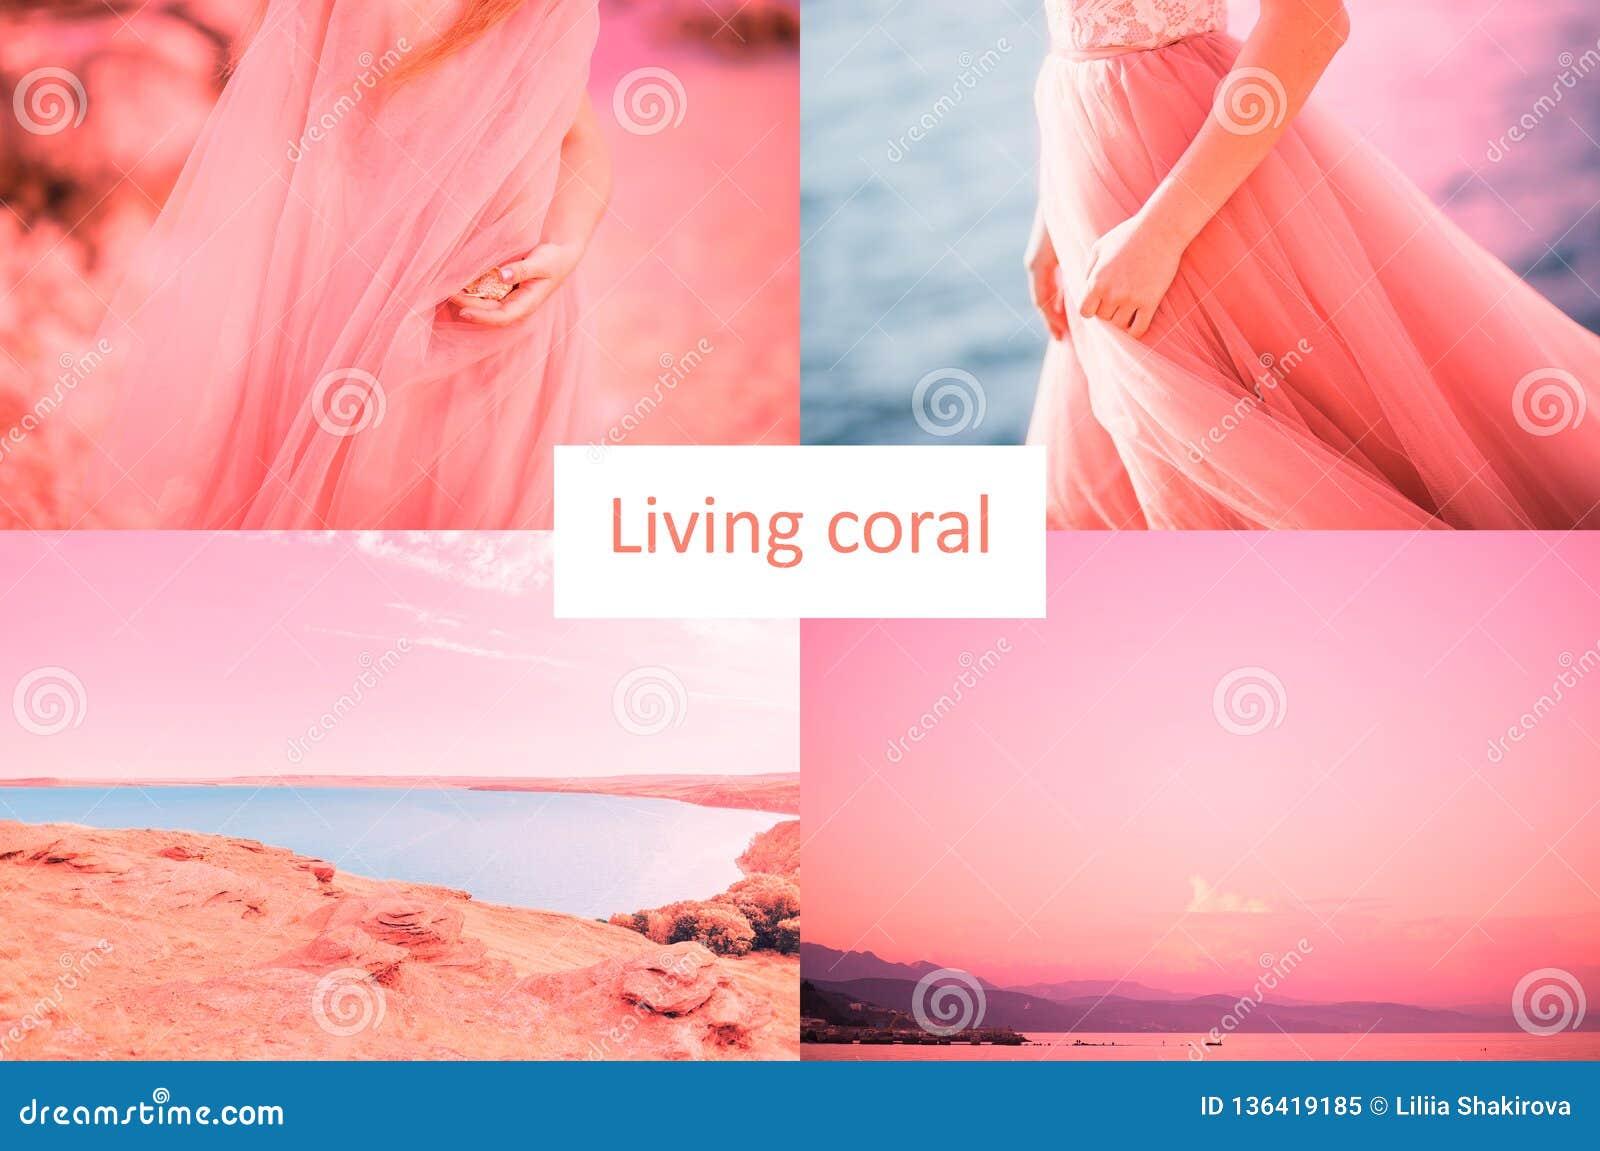 Χρώμα της επιγραφής κοραλλιών διαβίωσης έτους 2019 Όμορφο κολάζ οκτώ φωτογραφιών της θάλασσας, λίμνη, γυναίκες σε ένα φόρεμα